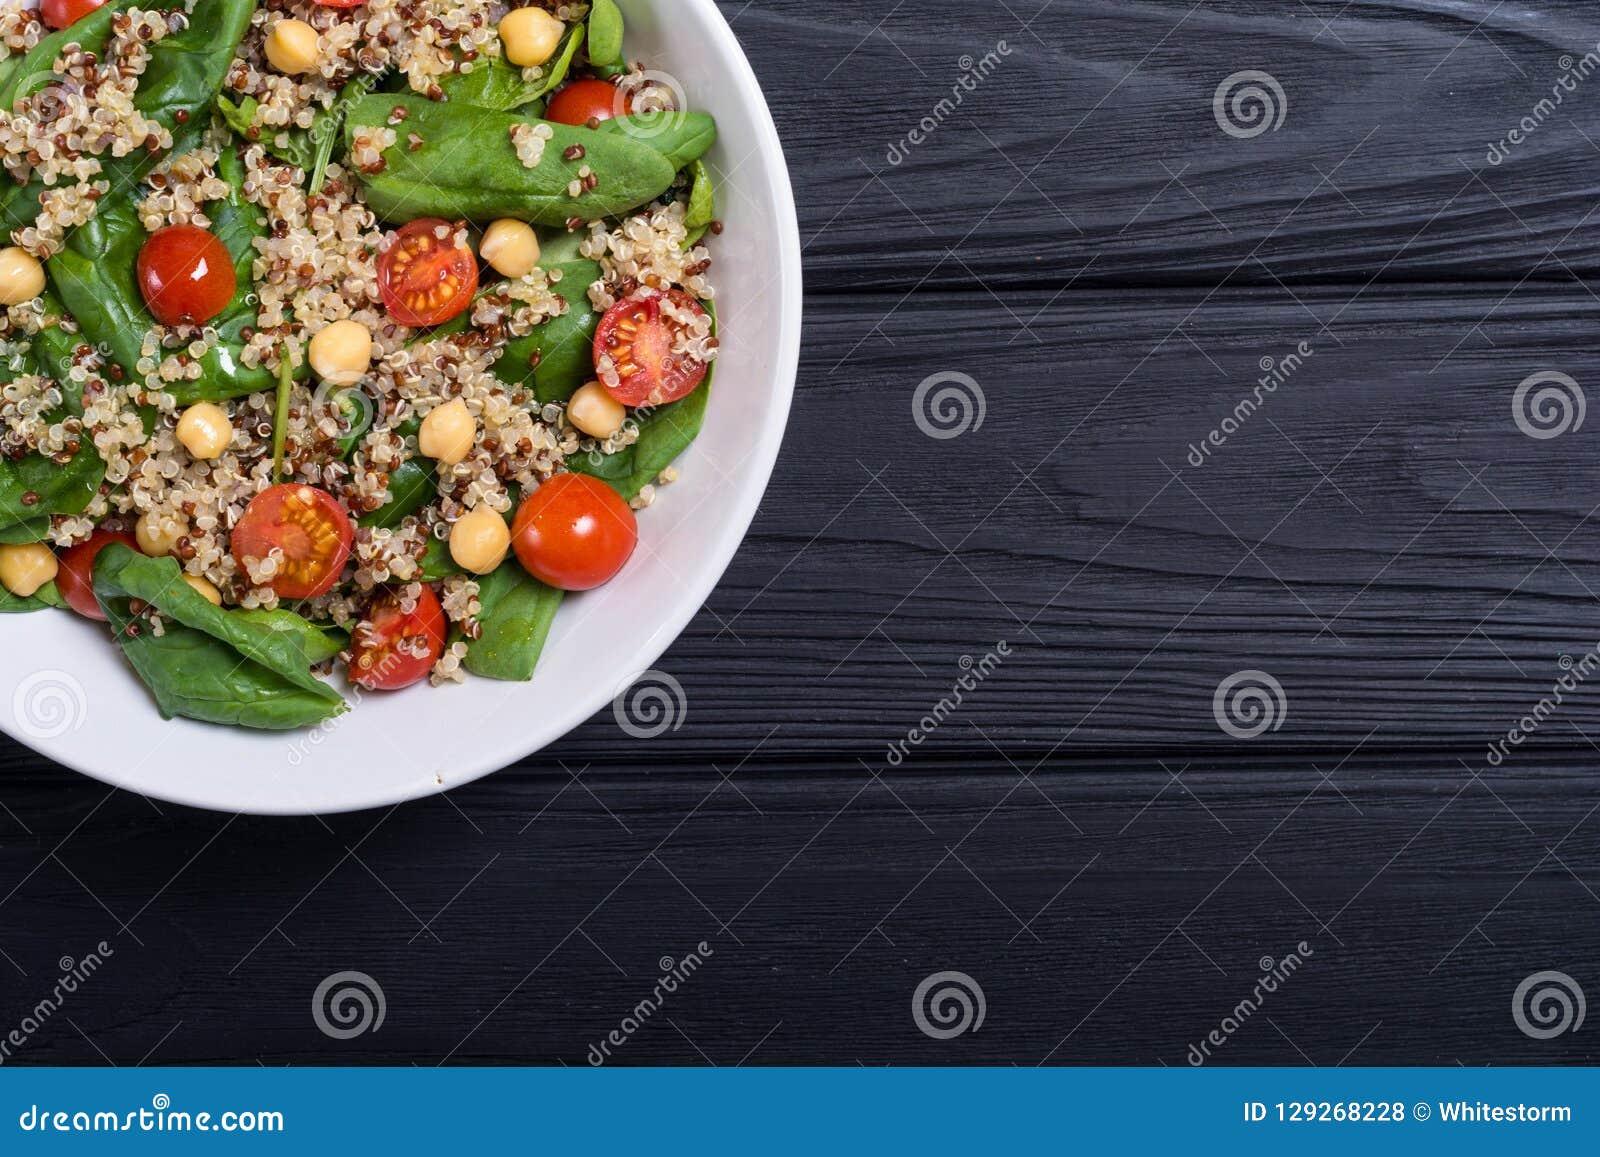 Spinatssalat mit Quinoa, Tomaten und Kichererbse